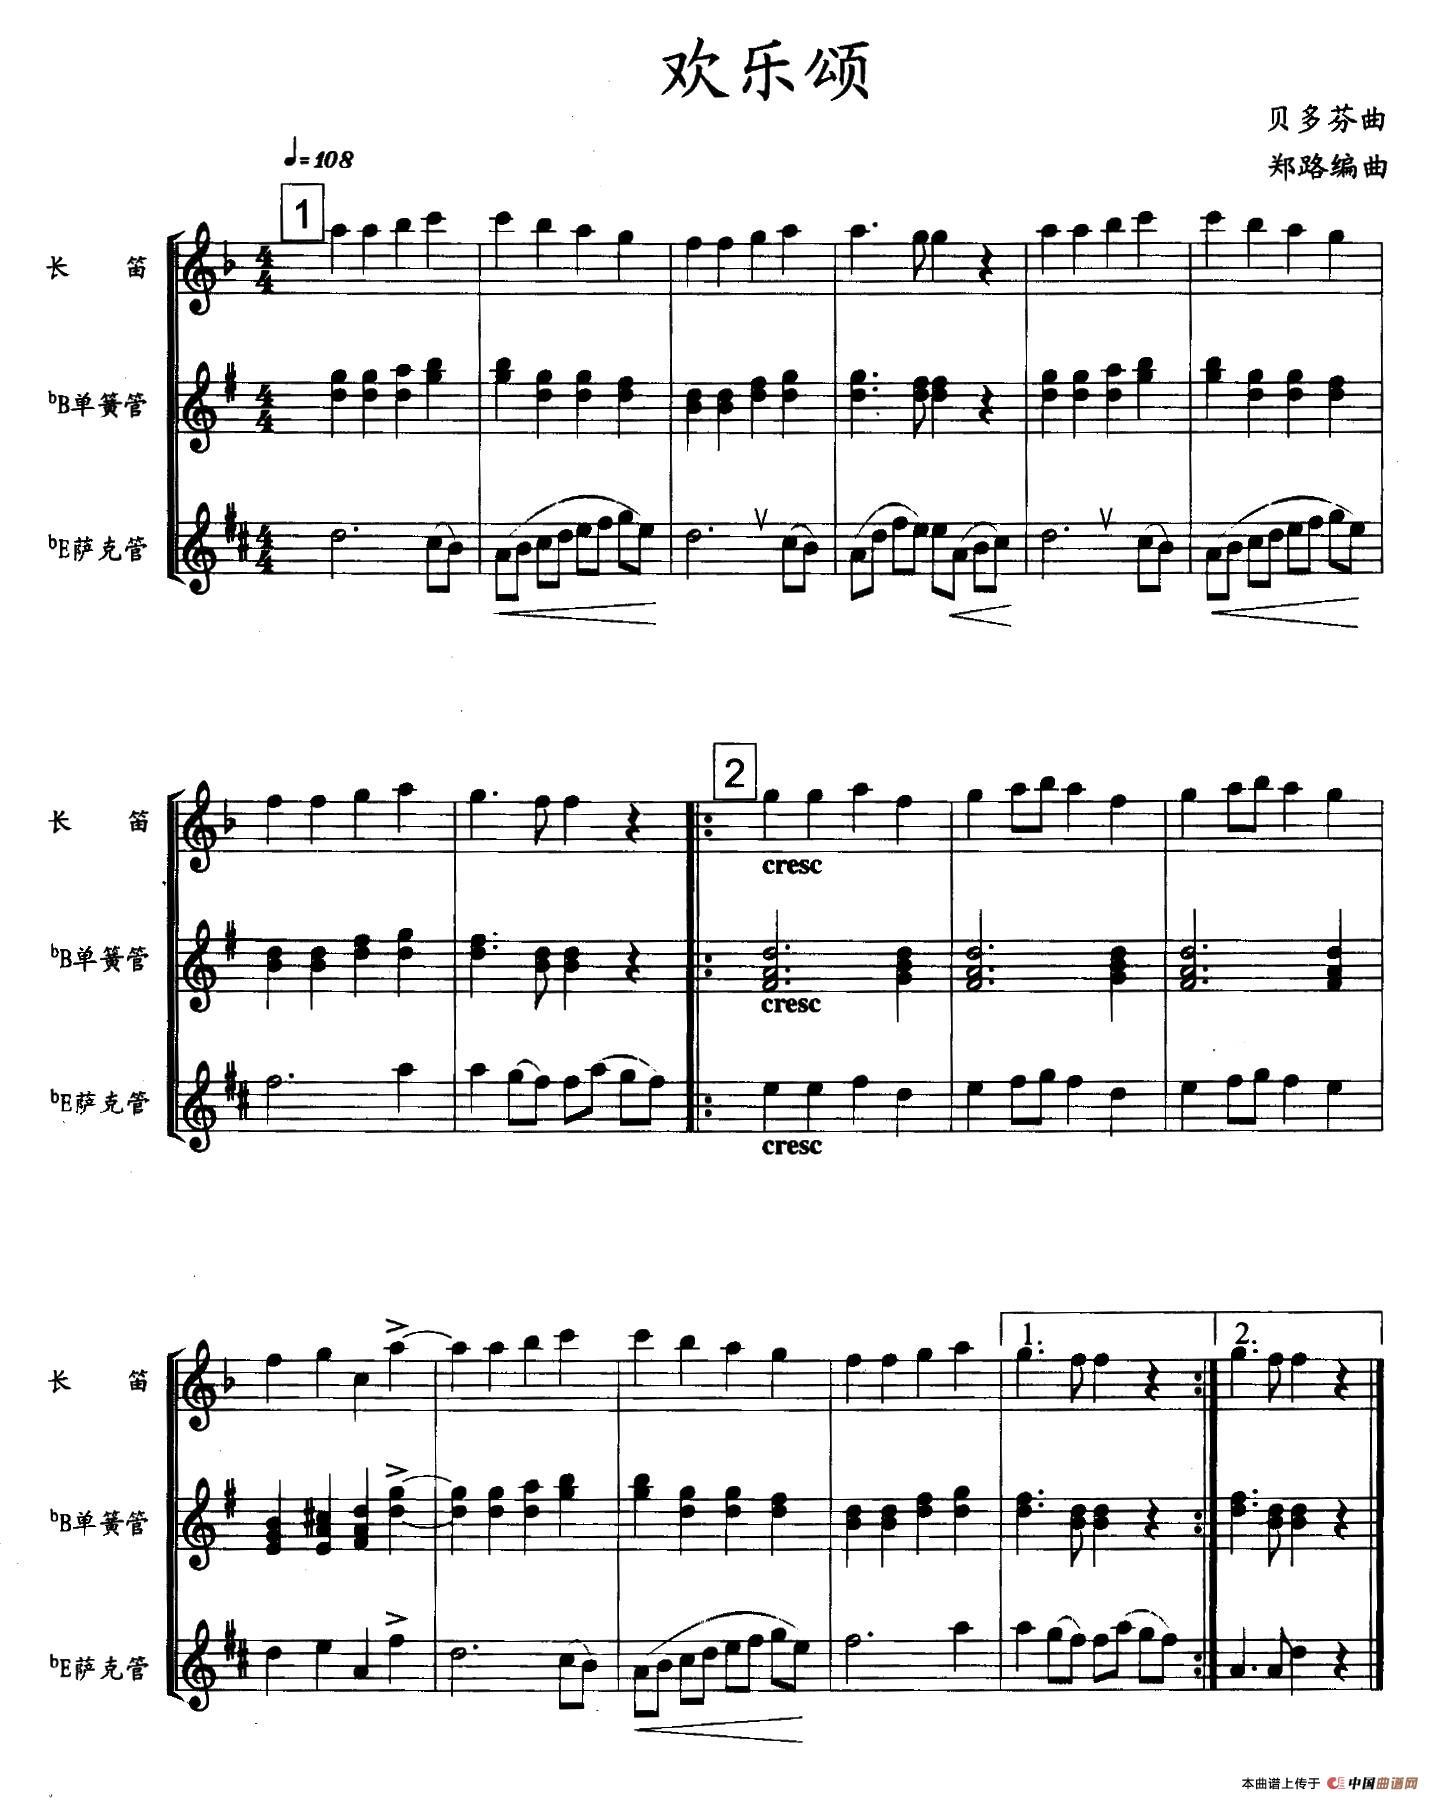 欢乐颂(木管三重奏)_器乐乐谱_中国曲谱网